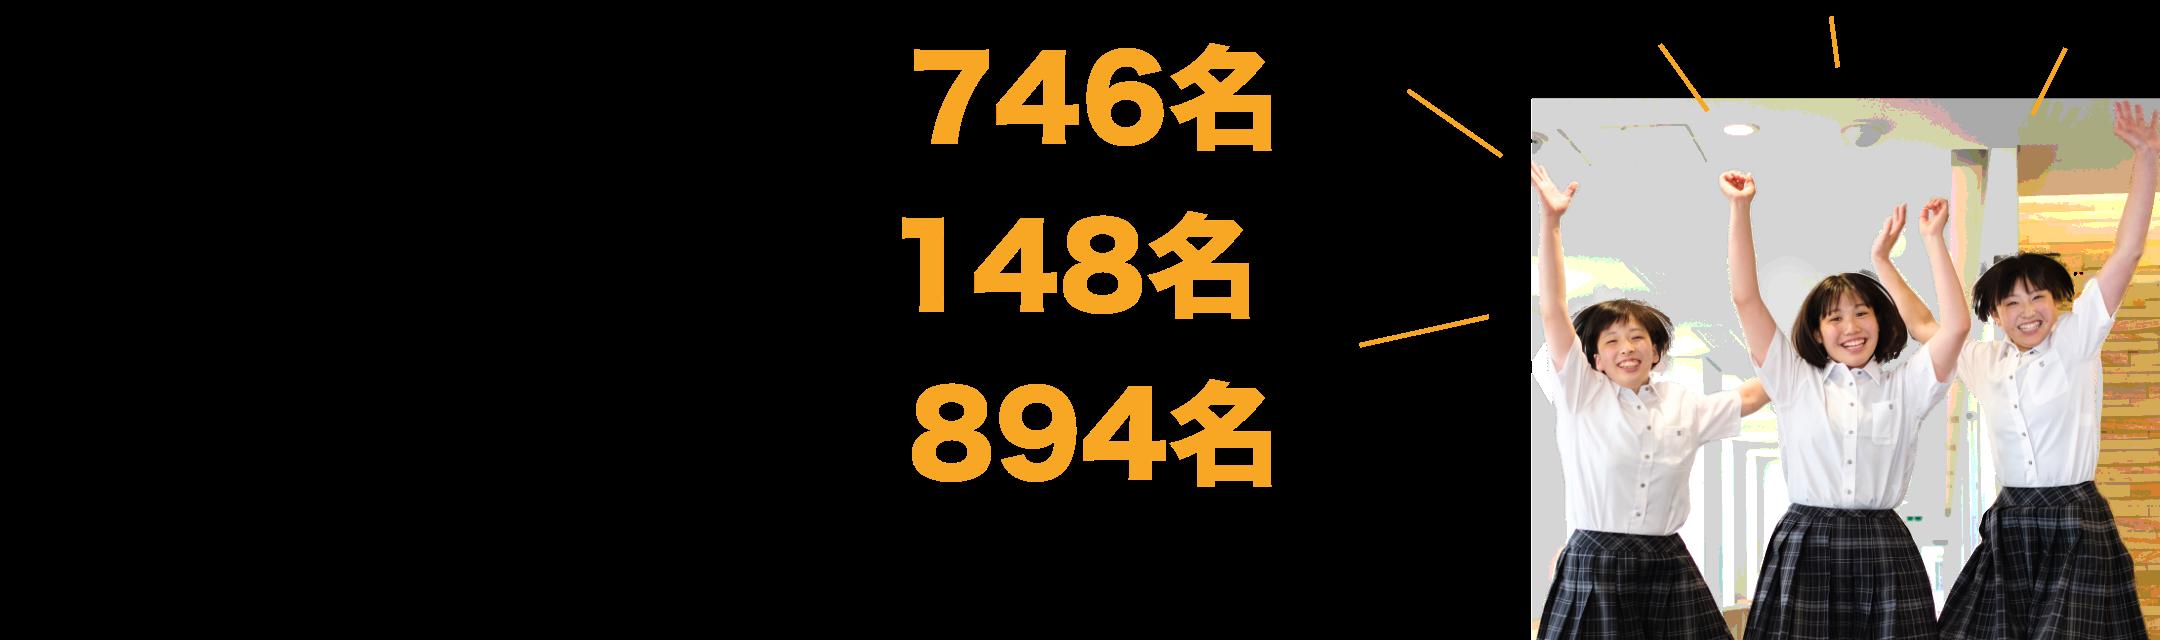 東北高校が指定校推薦を受けている大学一覧(2019年度)